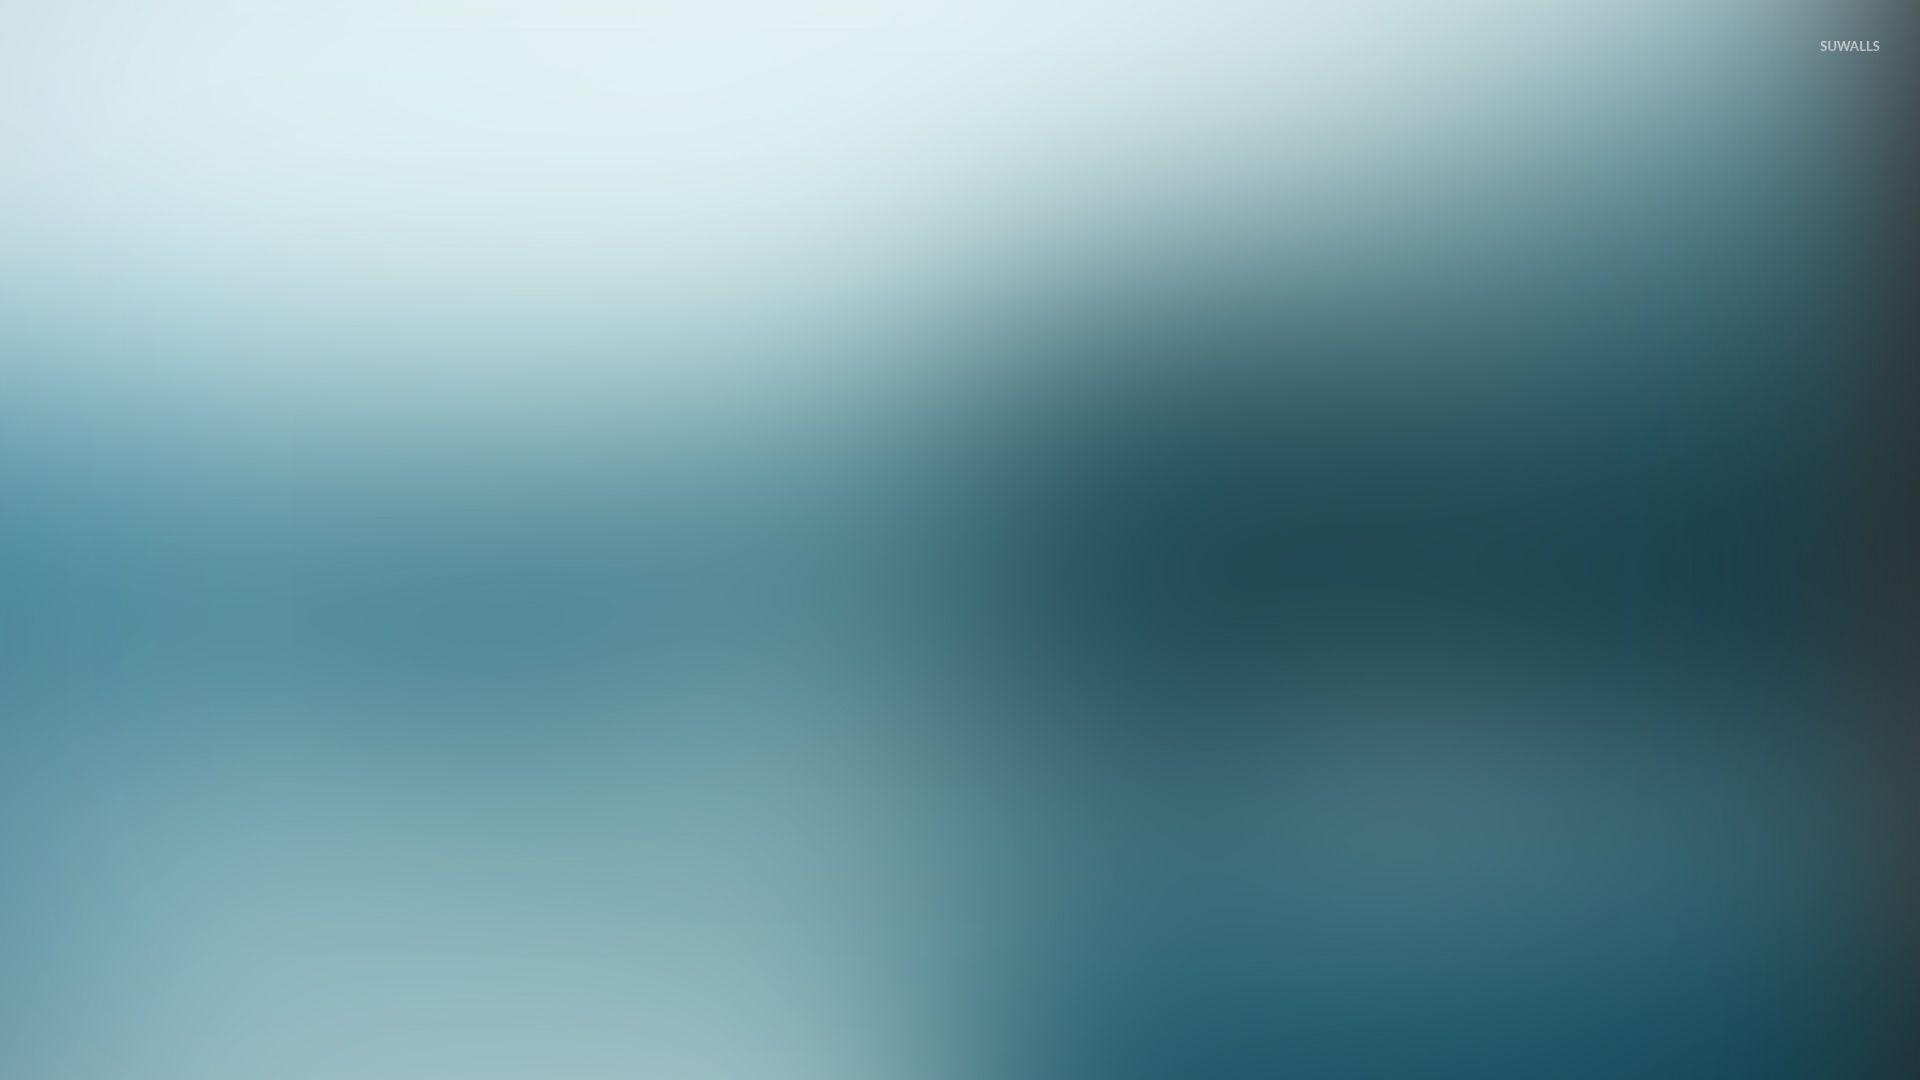 Light blue blur wallpaper